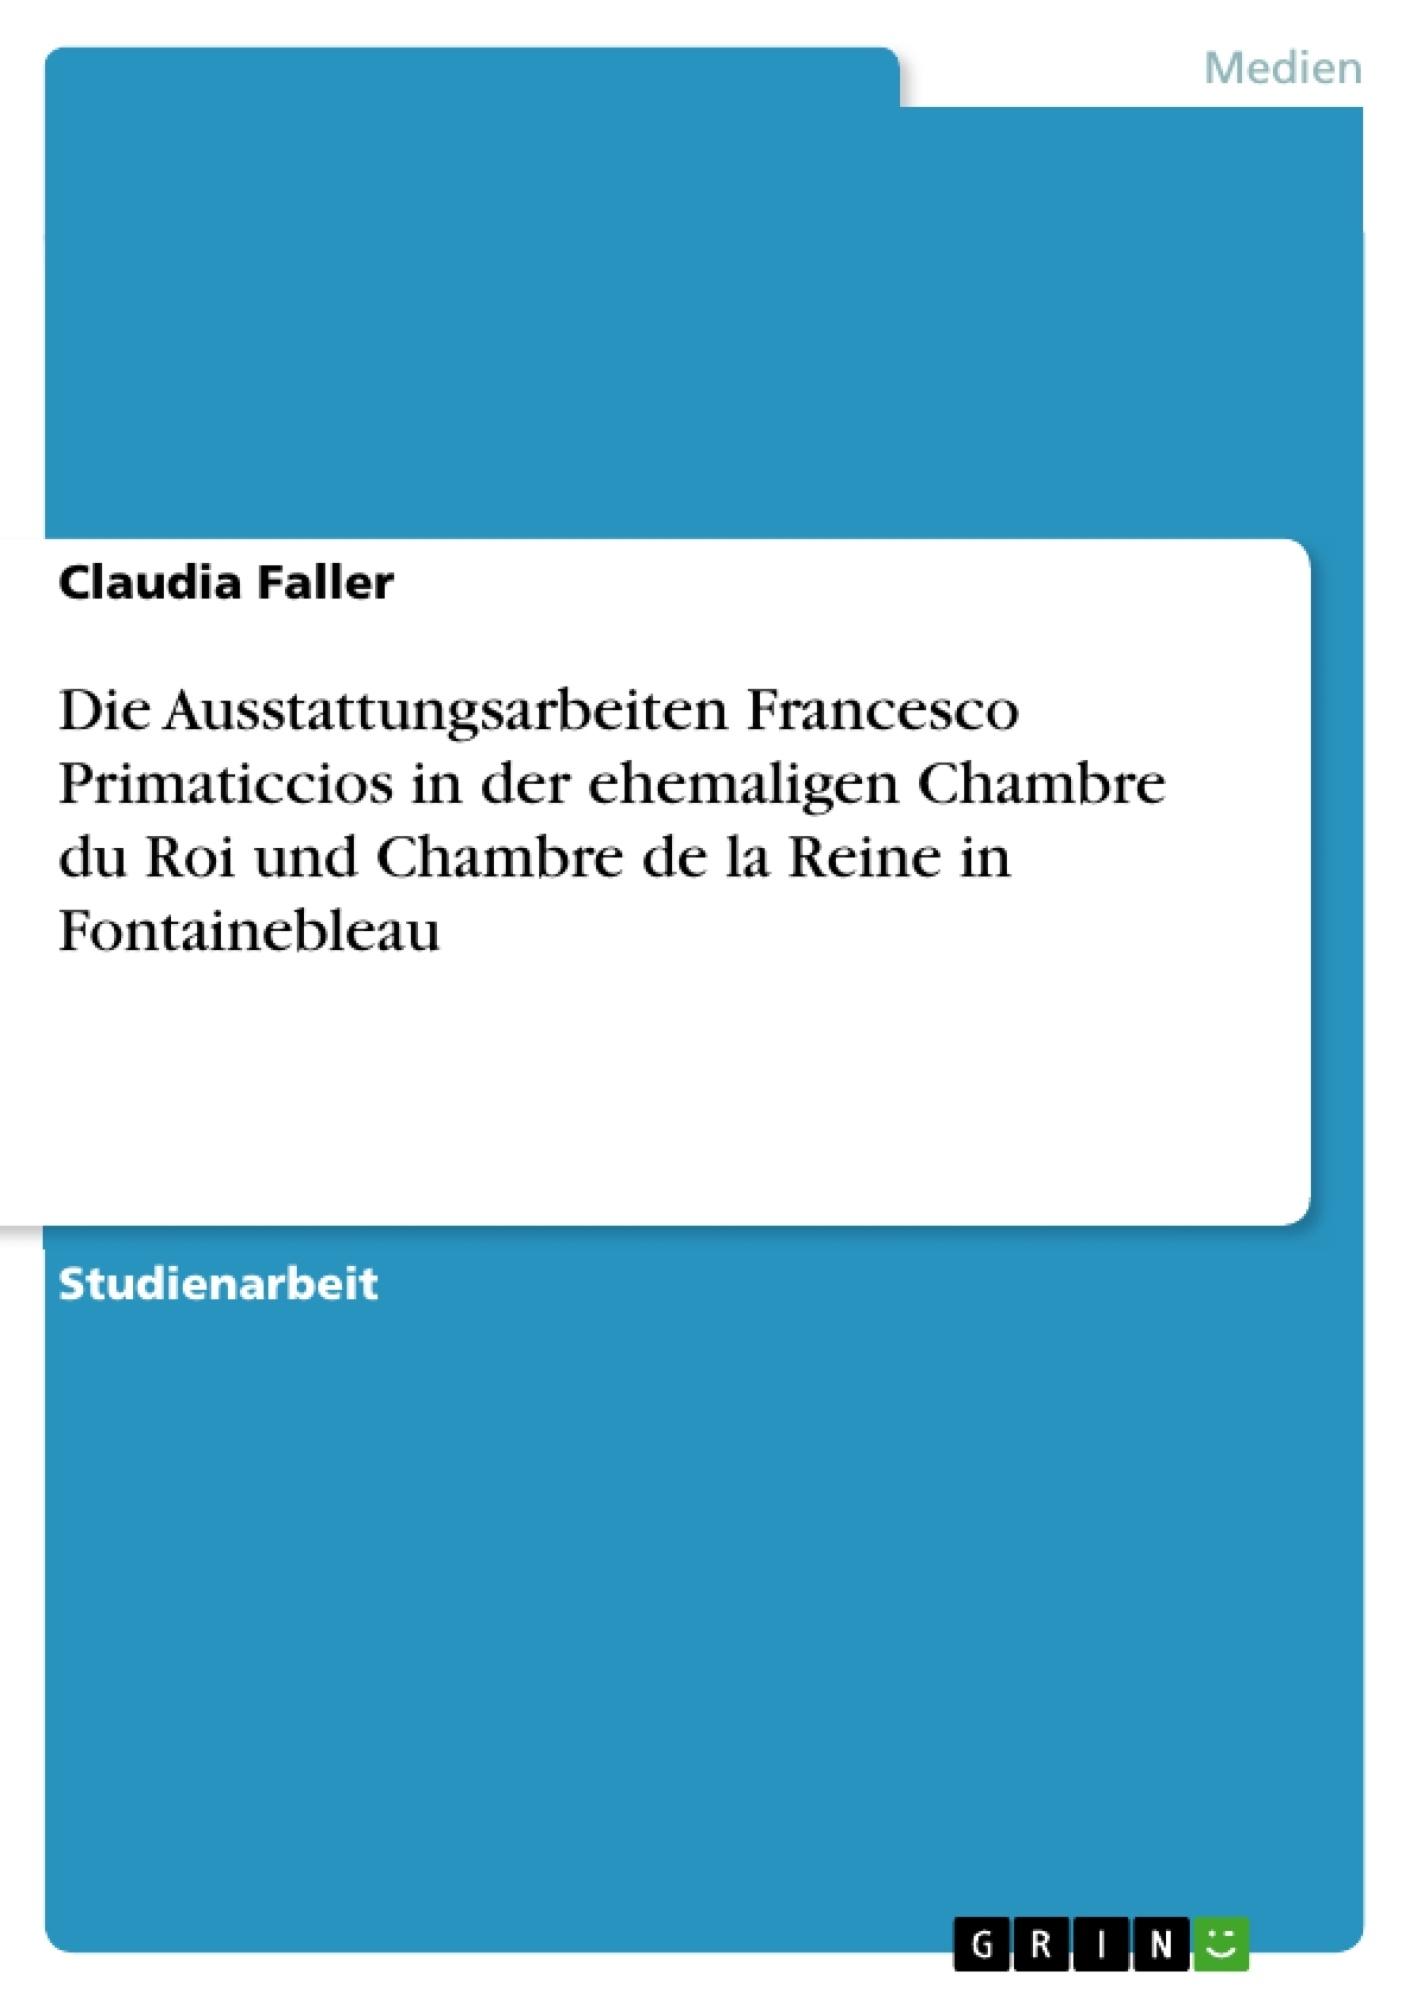 Titel: Die Ausstattungsarbeiten Francesco Primaticcios in der ehemaligen Chambre du Roi und  Chambre de la Reine in Fontainebleau